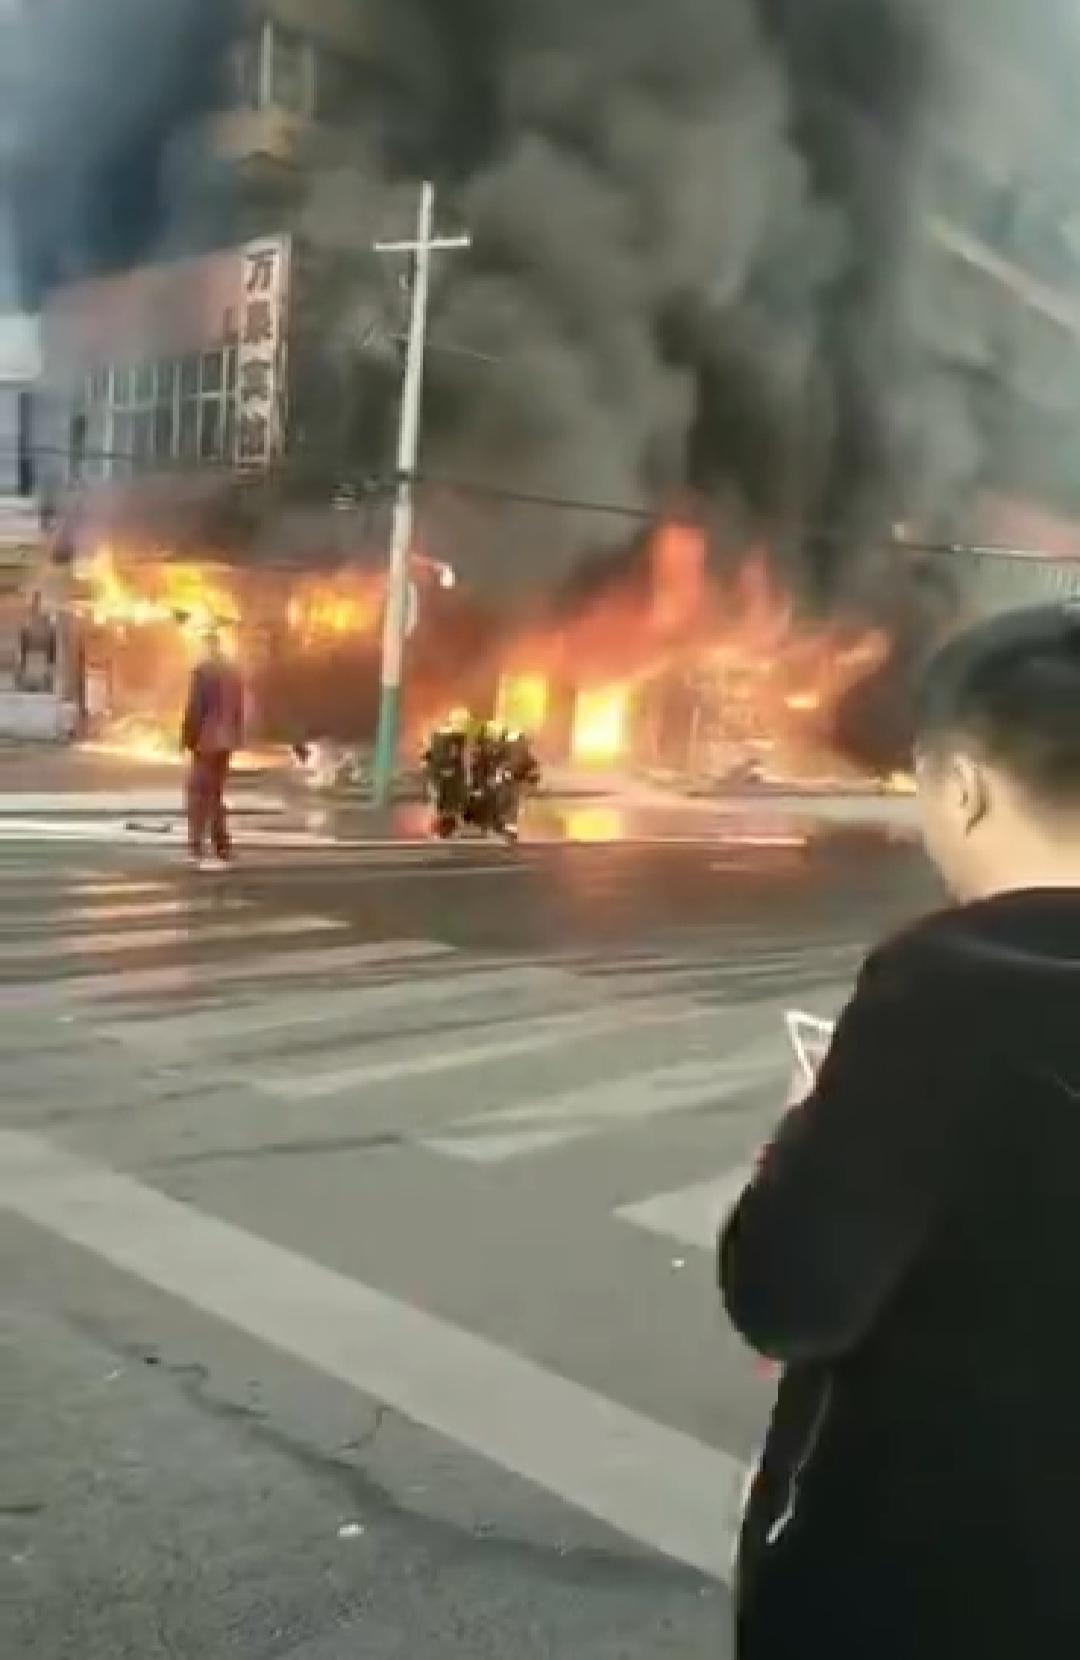 蚌埠火车站附近楼房起火,1人跳楼逃生受伤